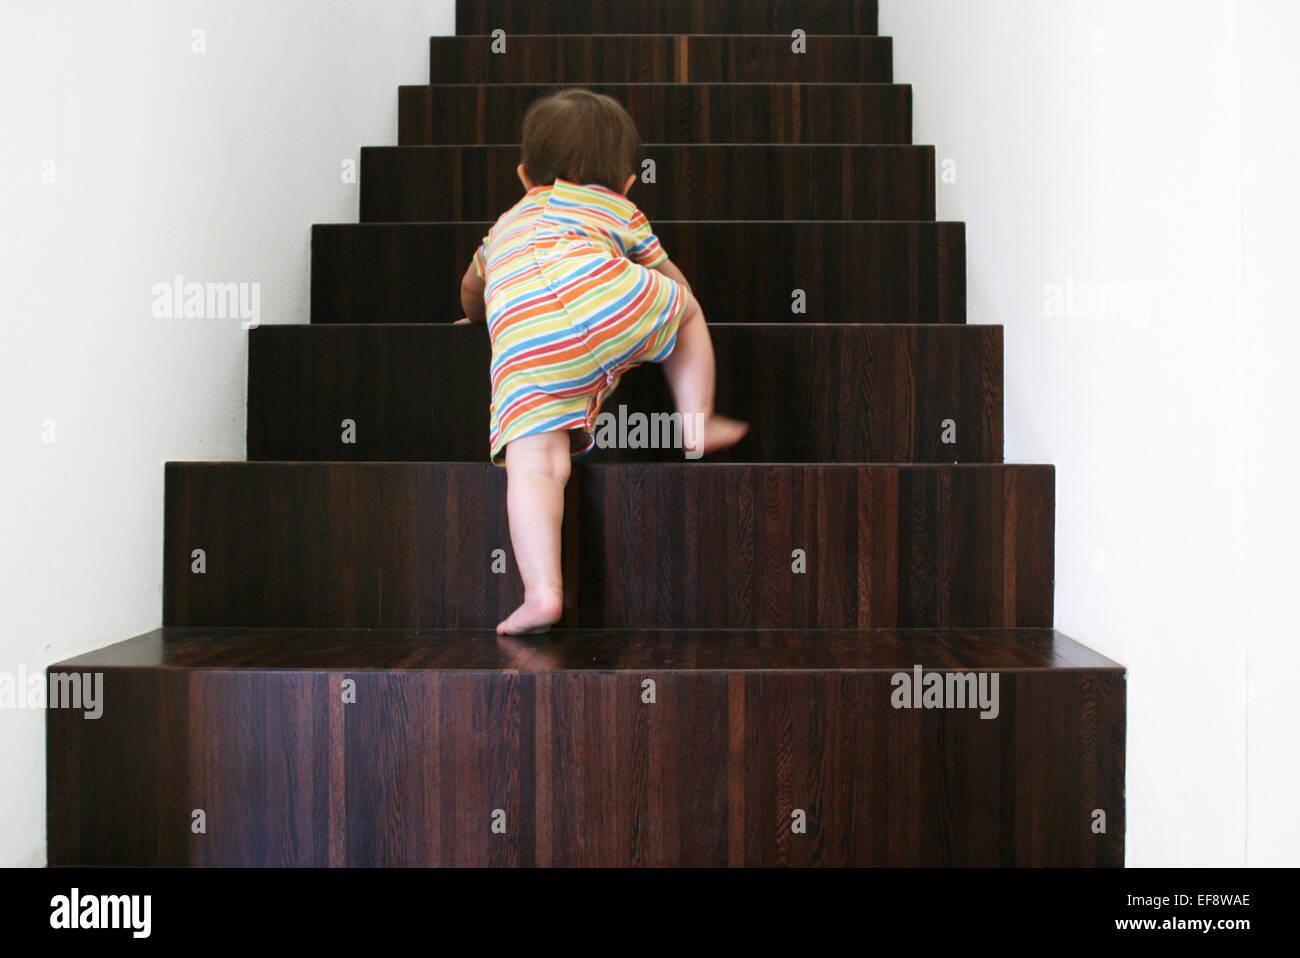 Bebé subiendo escaleras de madera Imagen De Stock